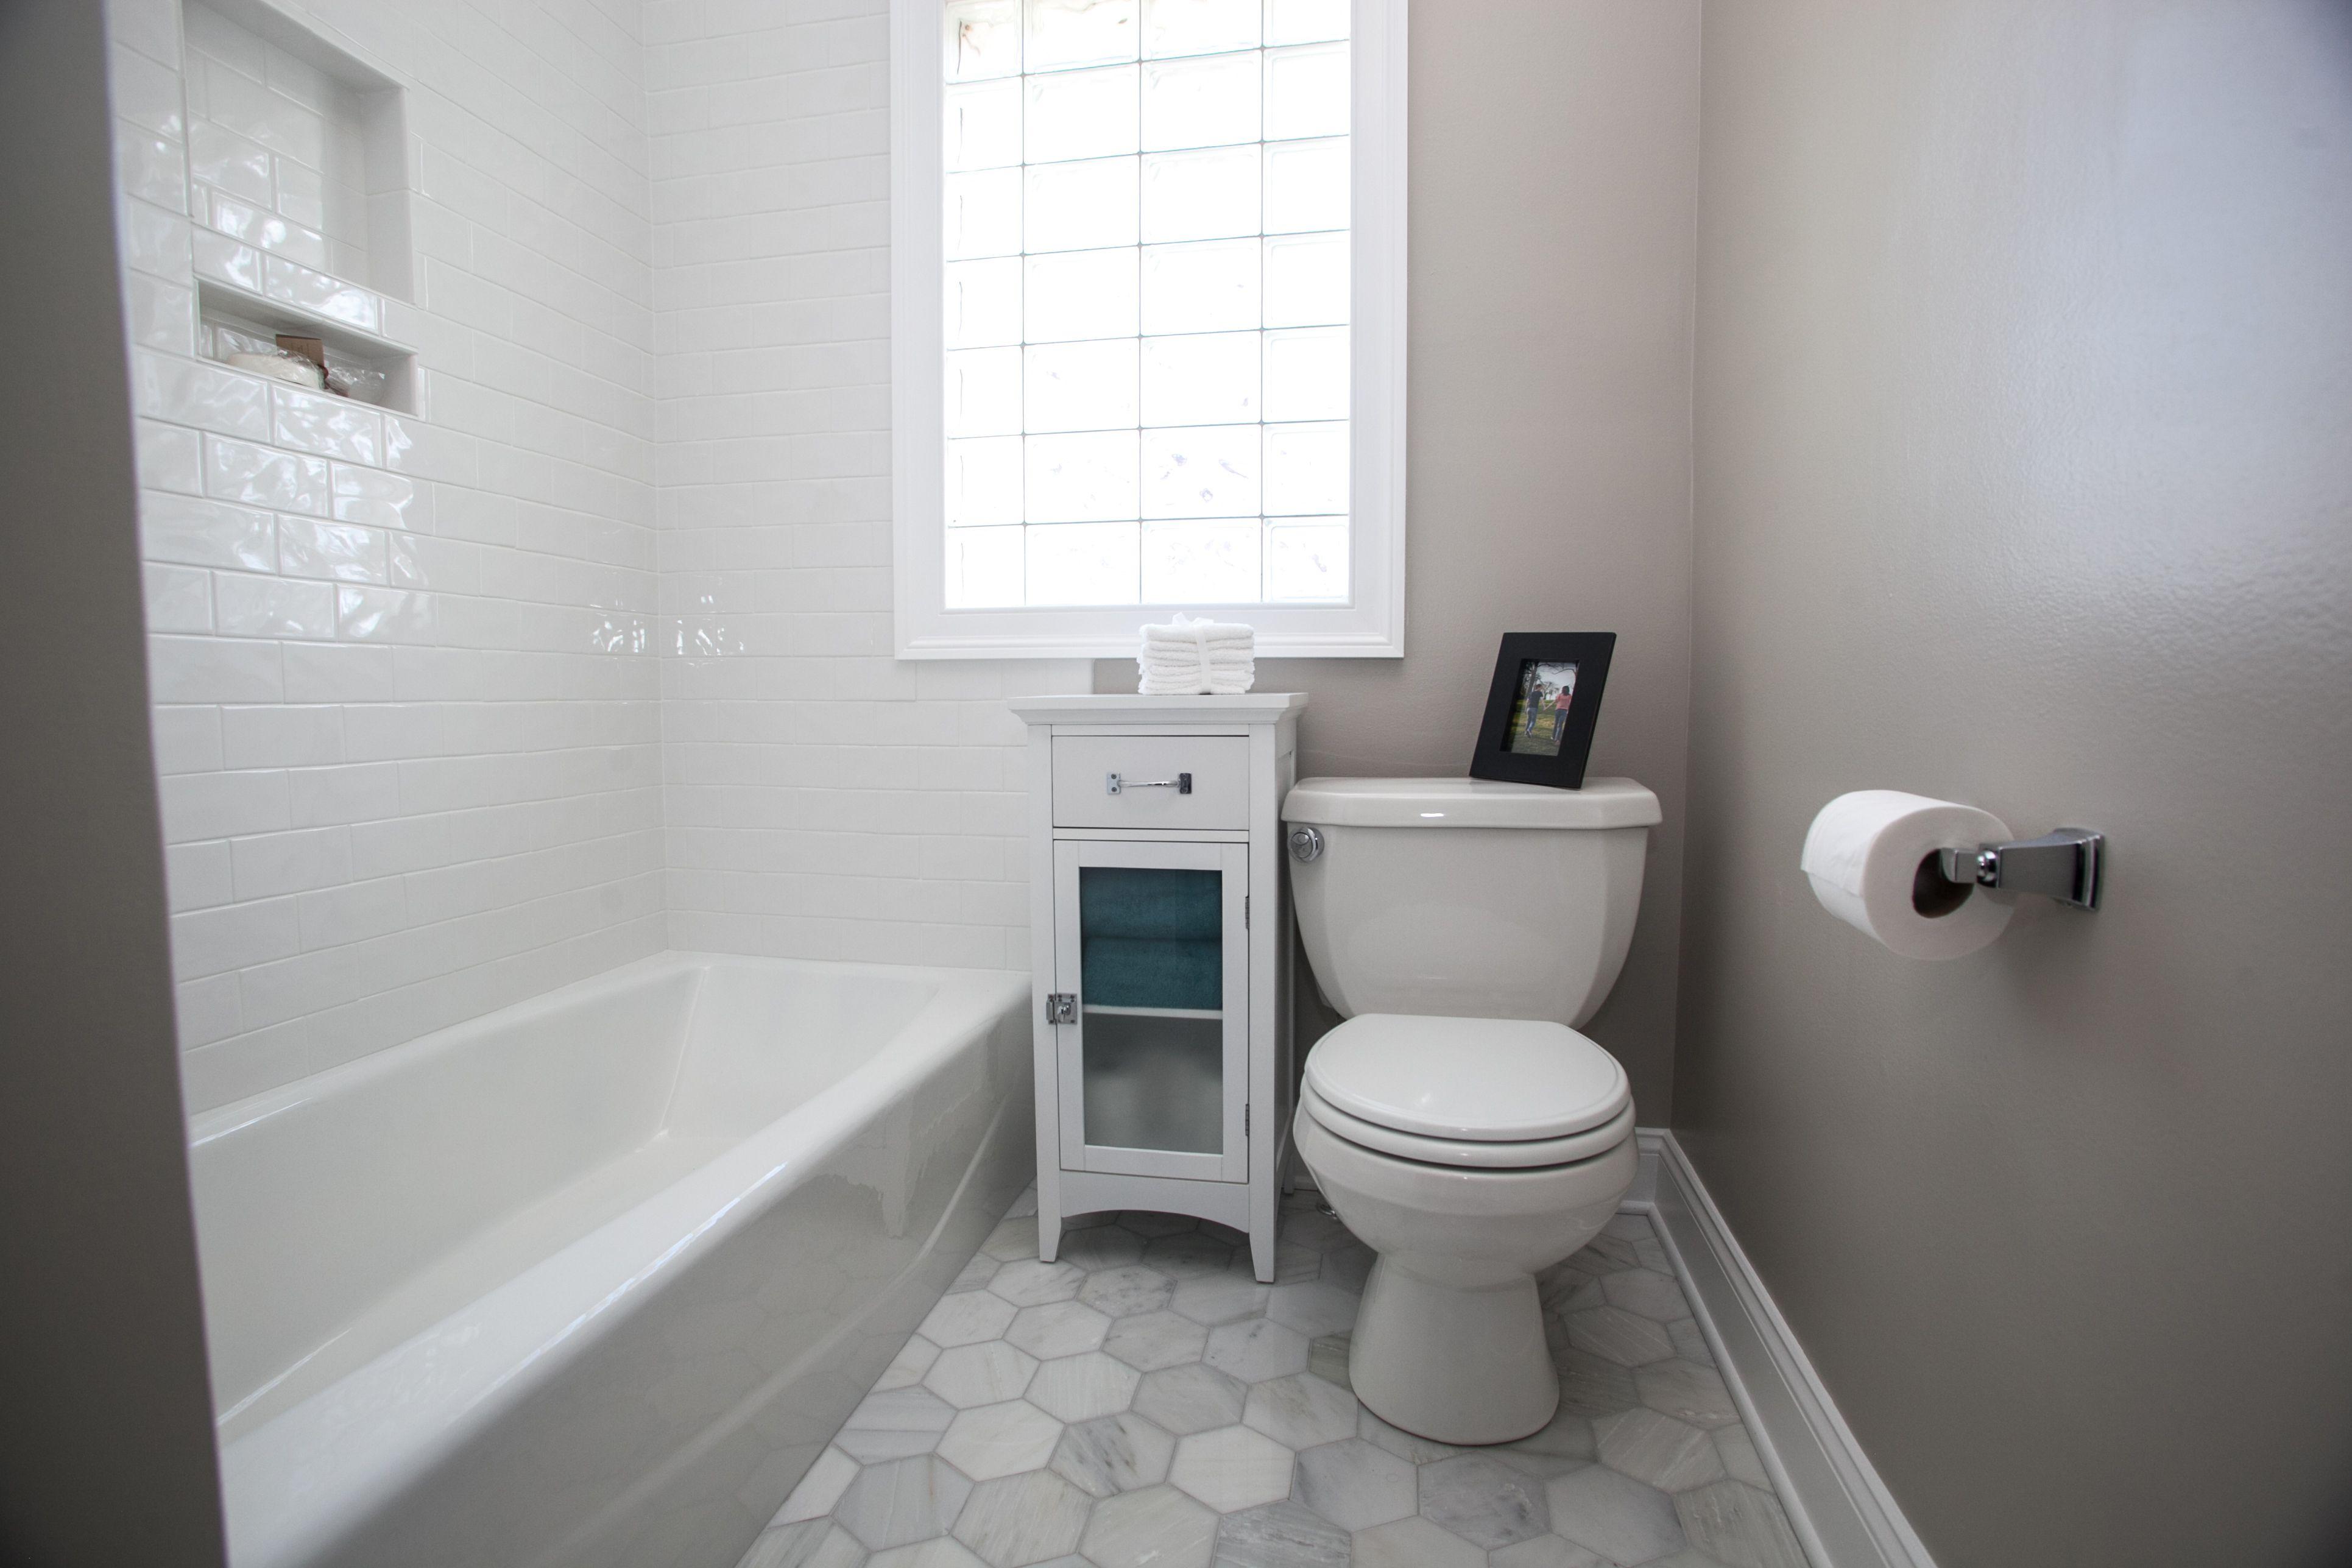 Bathroom Remodeling in Louisville, KY | Restroom remodel ...